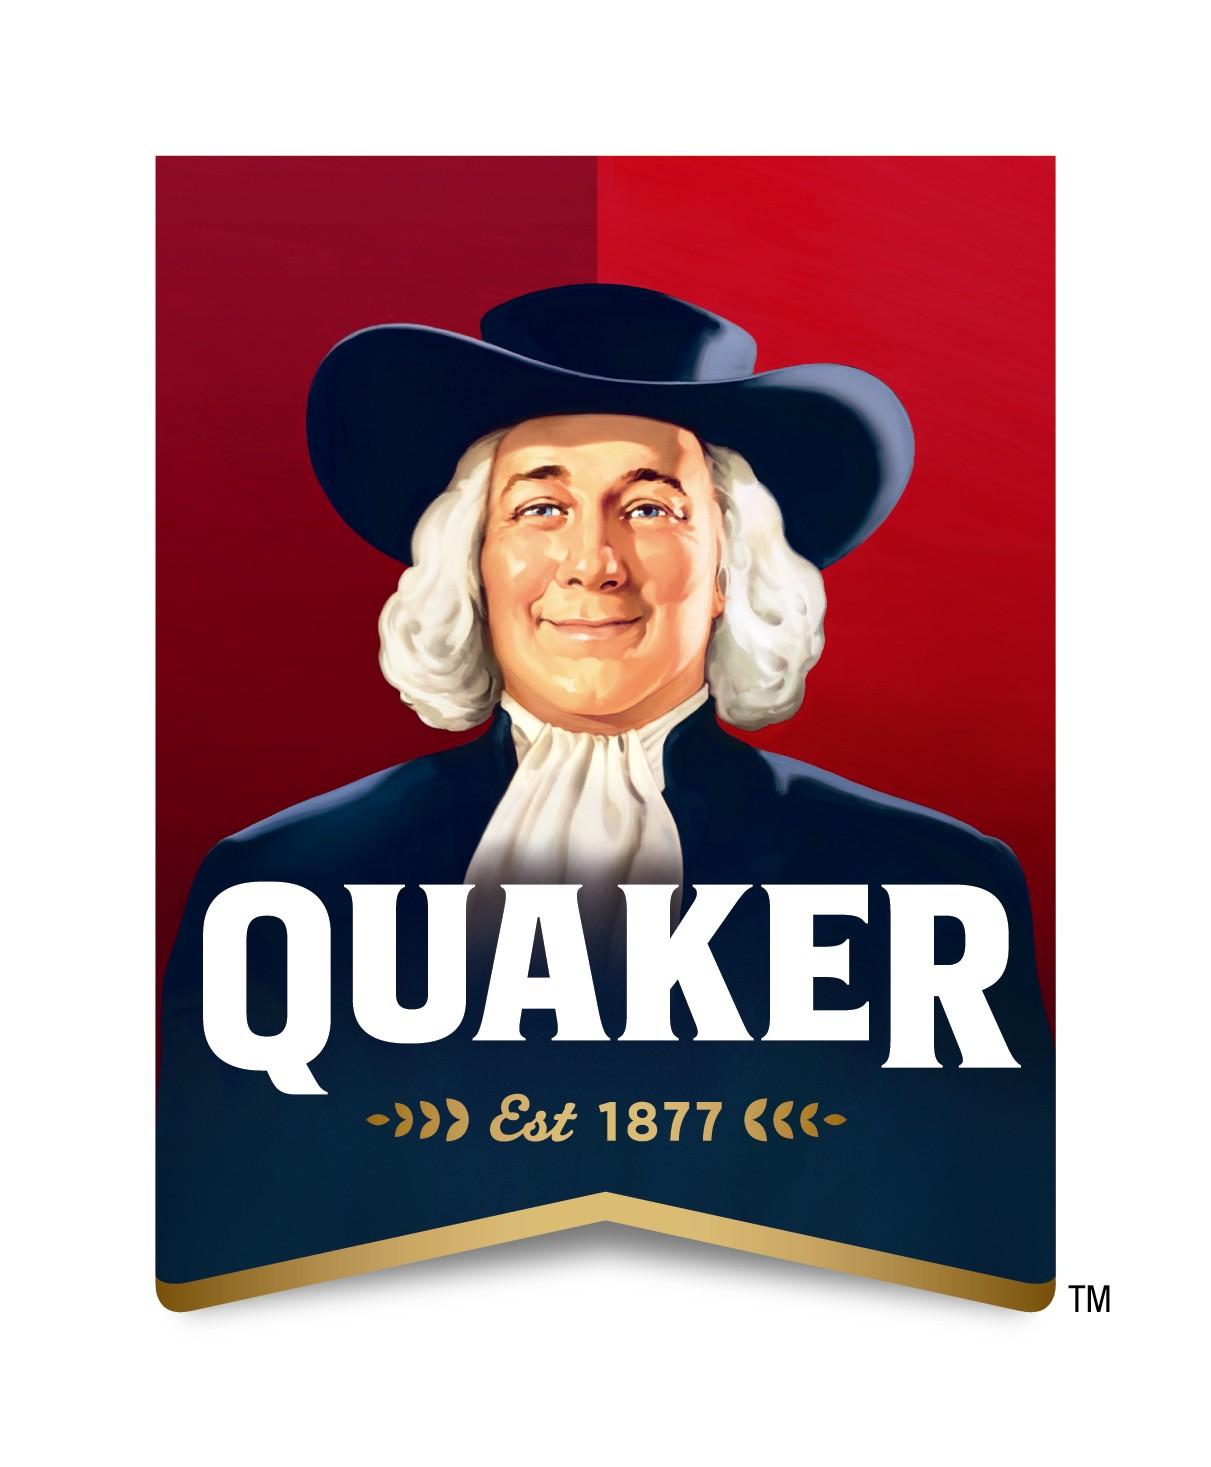 QuakerLogo.jpg